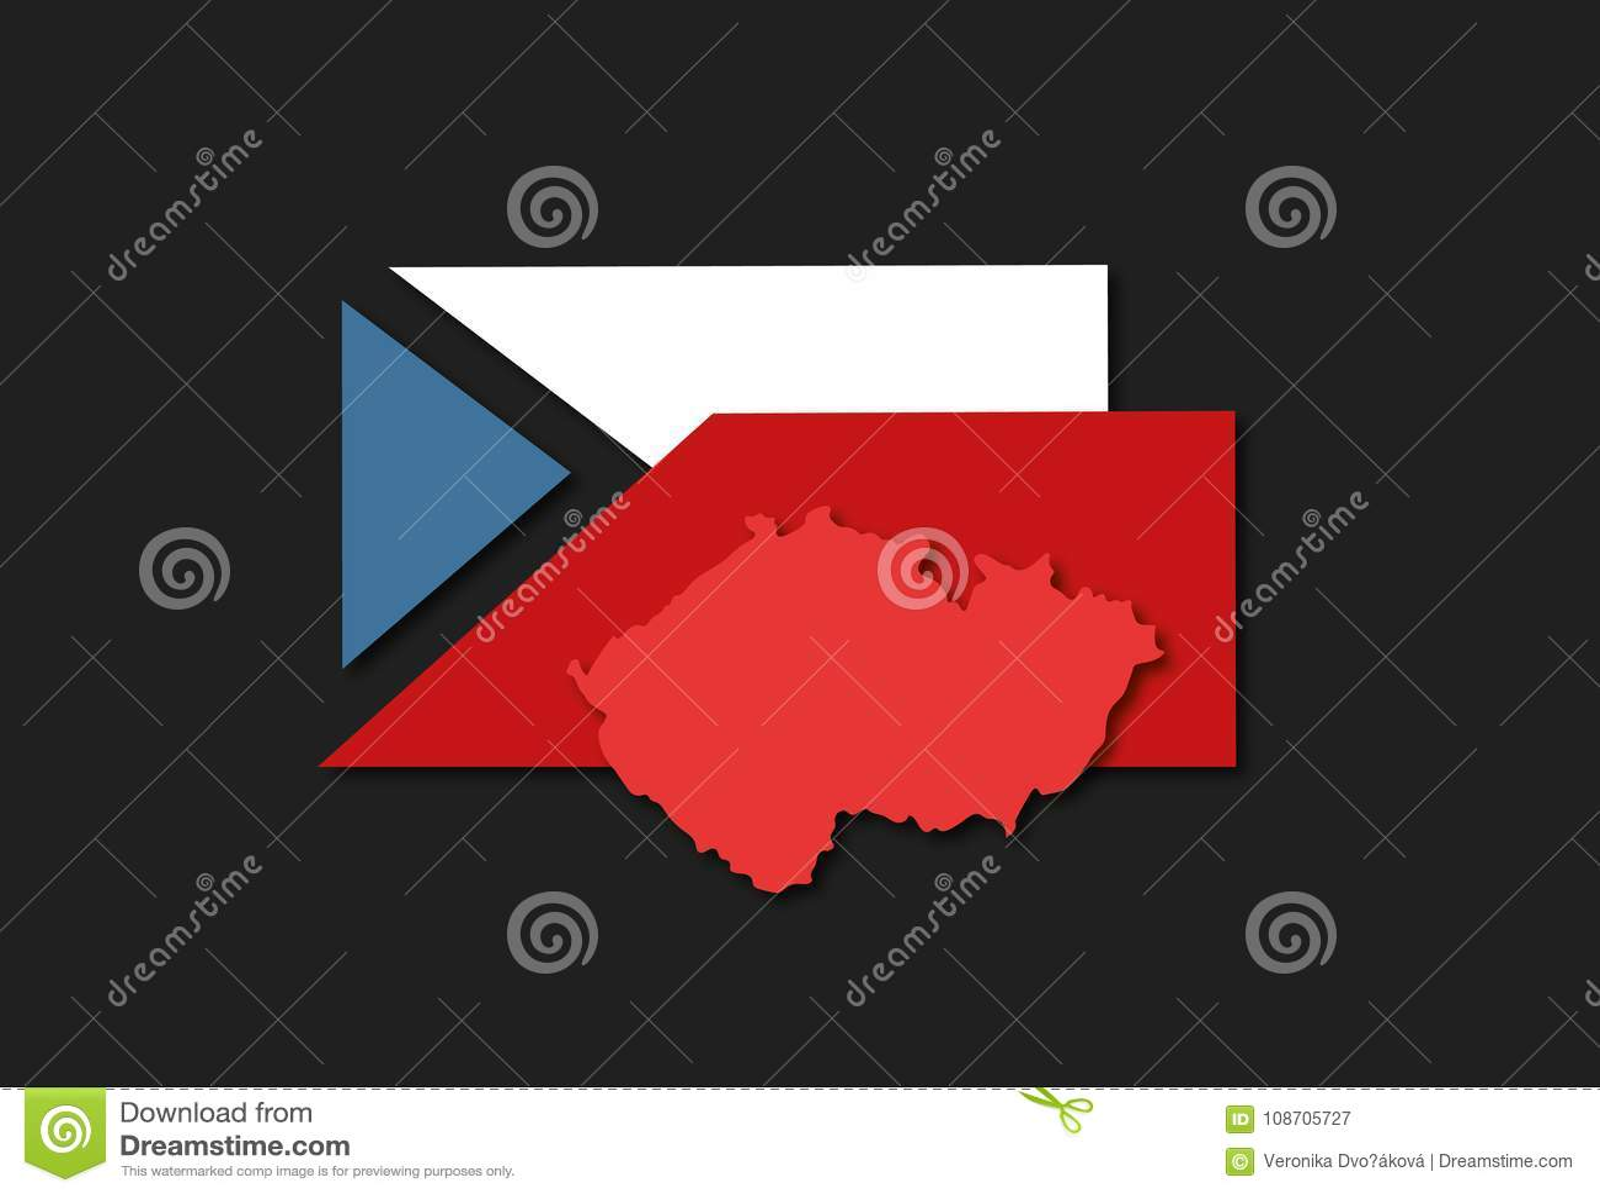 Infographics à eleição presidencial em República Checa que destaca a disparidade de eleitores checos